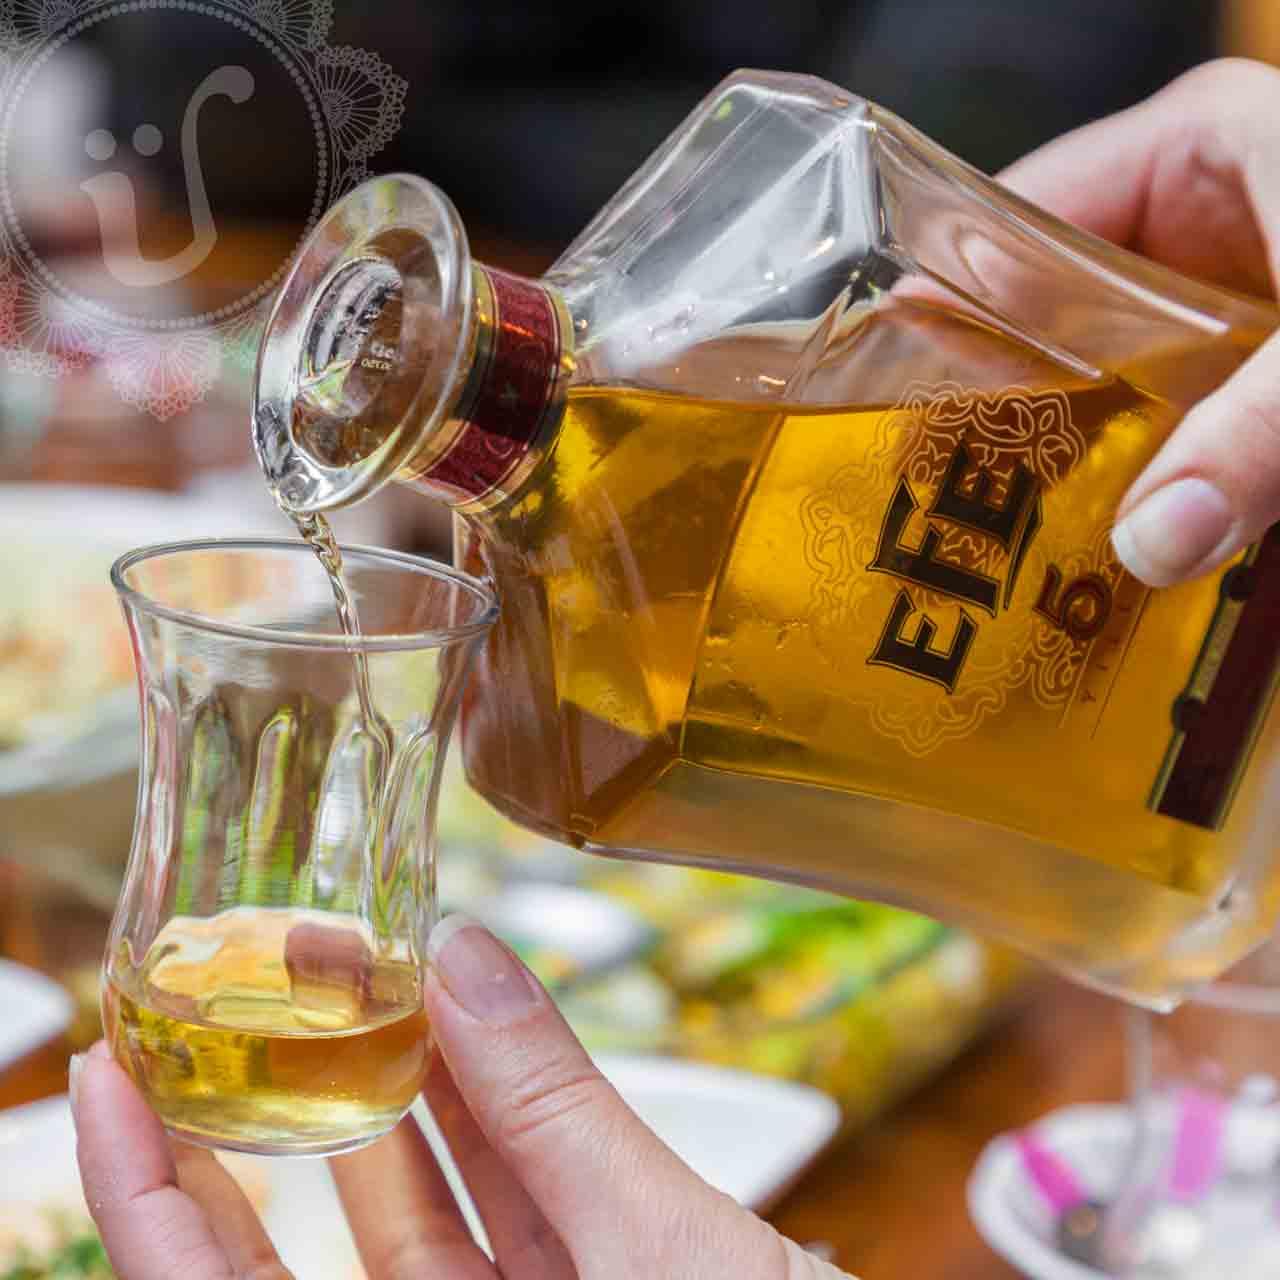 Efe 5, Efe Raki 5, Efe 5 Raki, Rakı Angebot, Online Verkauf, EFE RAKI, EFE, 5 Jahre gereift, 5 yıllık, gold, whiskey-Fässer, gereift in, Whiskey-Eichenfässern, exqiusite, edel, exklusiv, für besondere Anlässe, türkischer Raki,